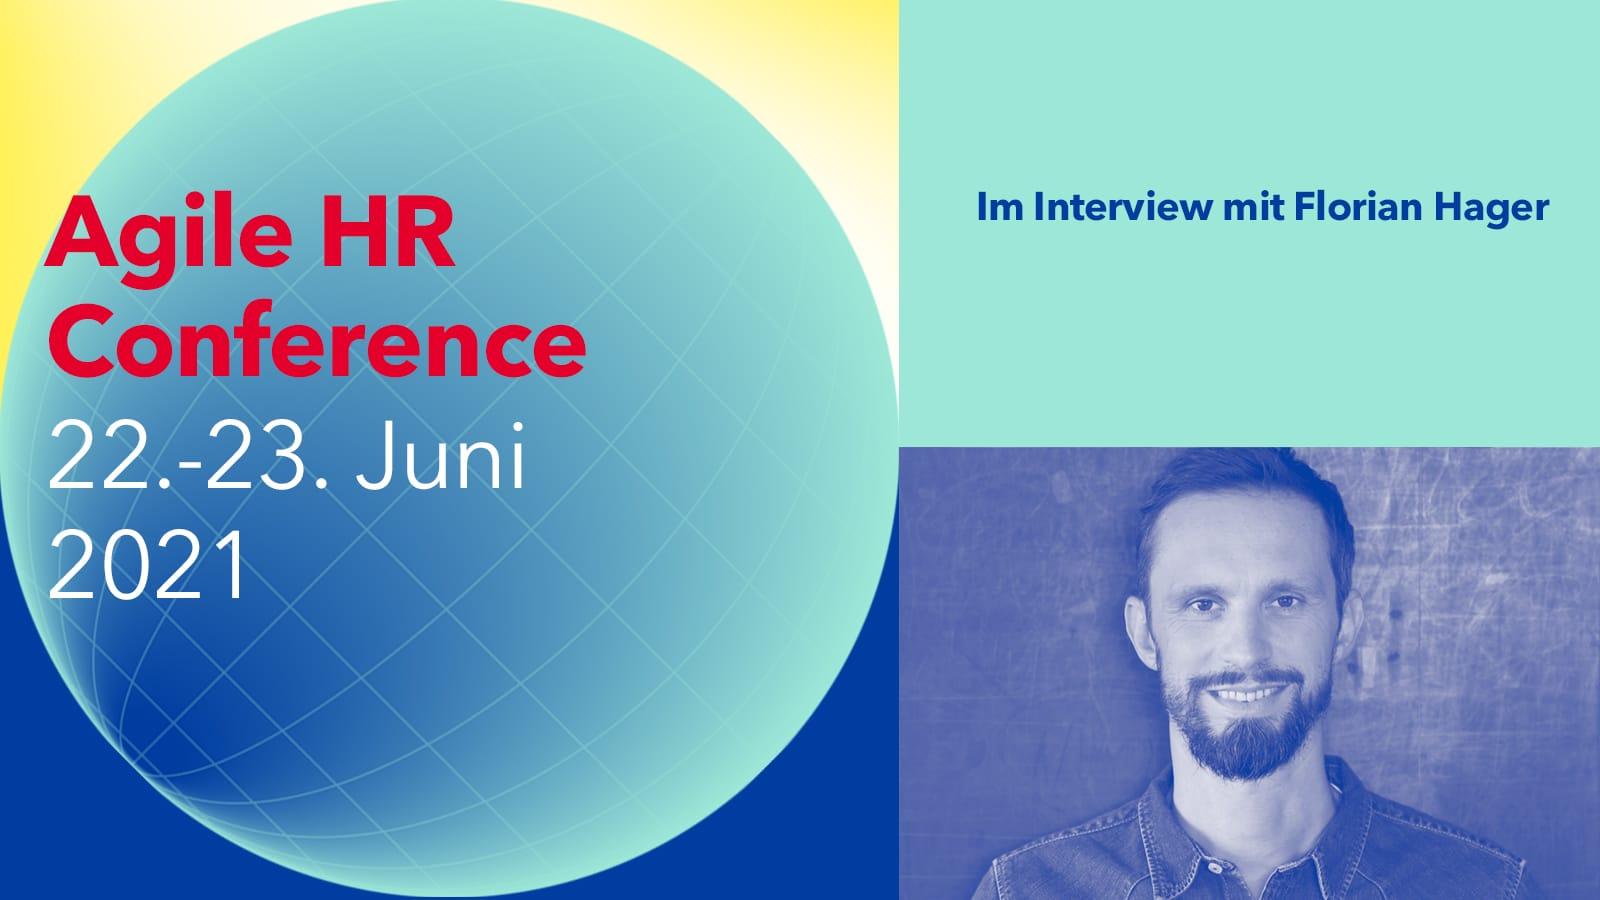 https://hr-pioneers.com/wp-content/uploads/2021/05/Florian-Hager-Interview.jpg